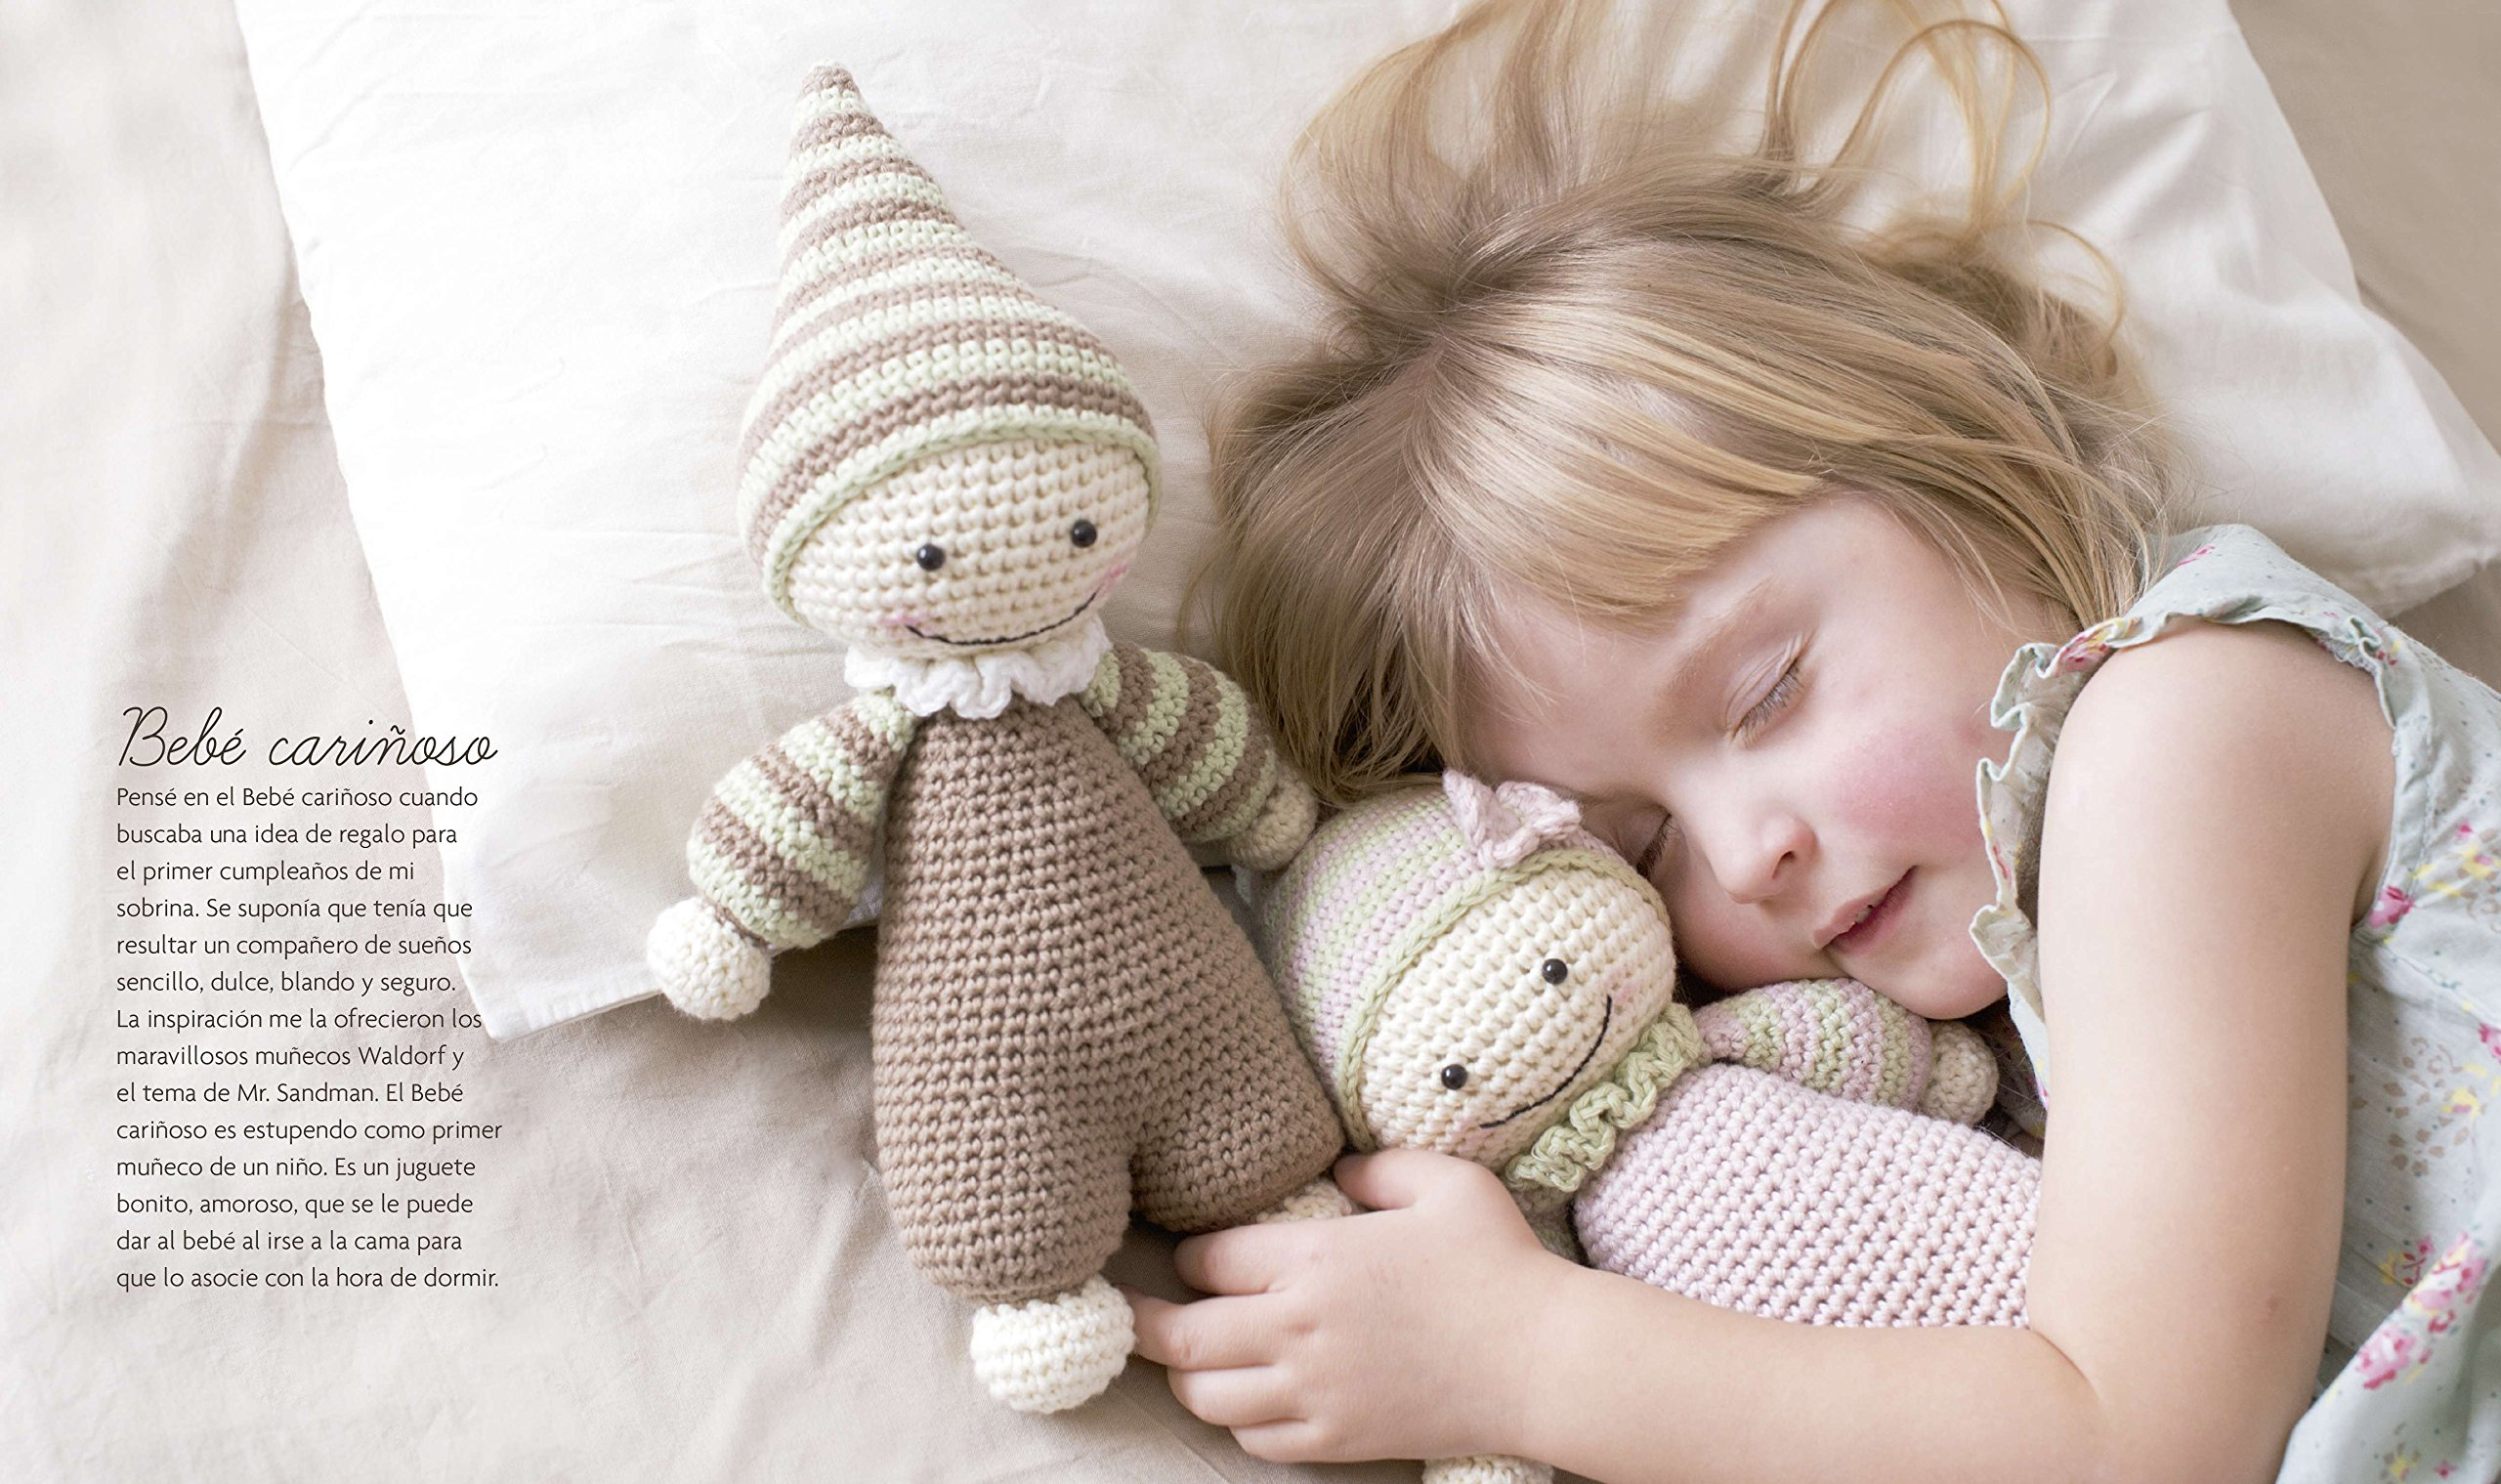 Muñecos mágicos amigurumi : 15 proyectos para tejer a ganchillo de ...